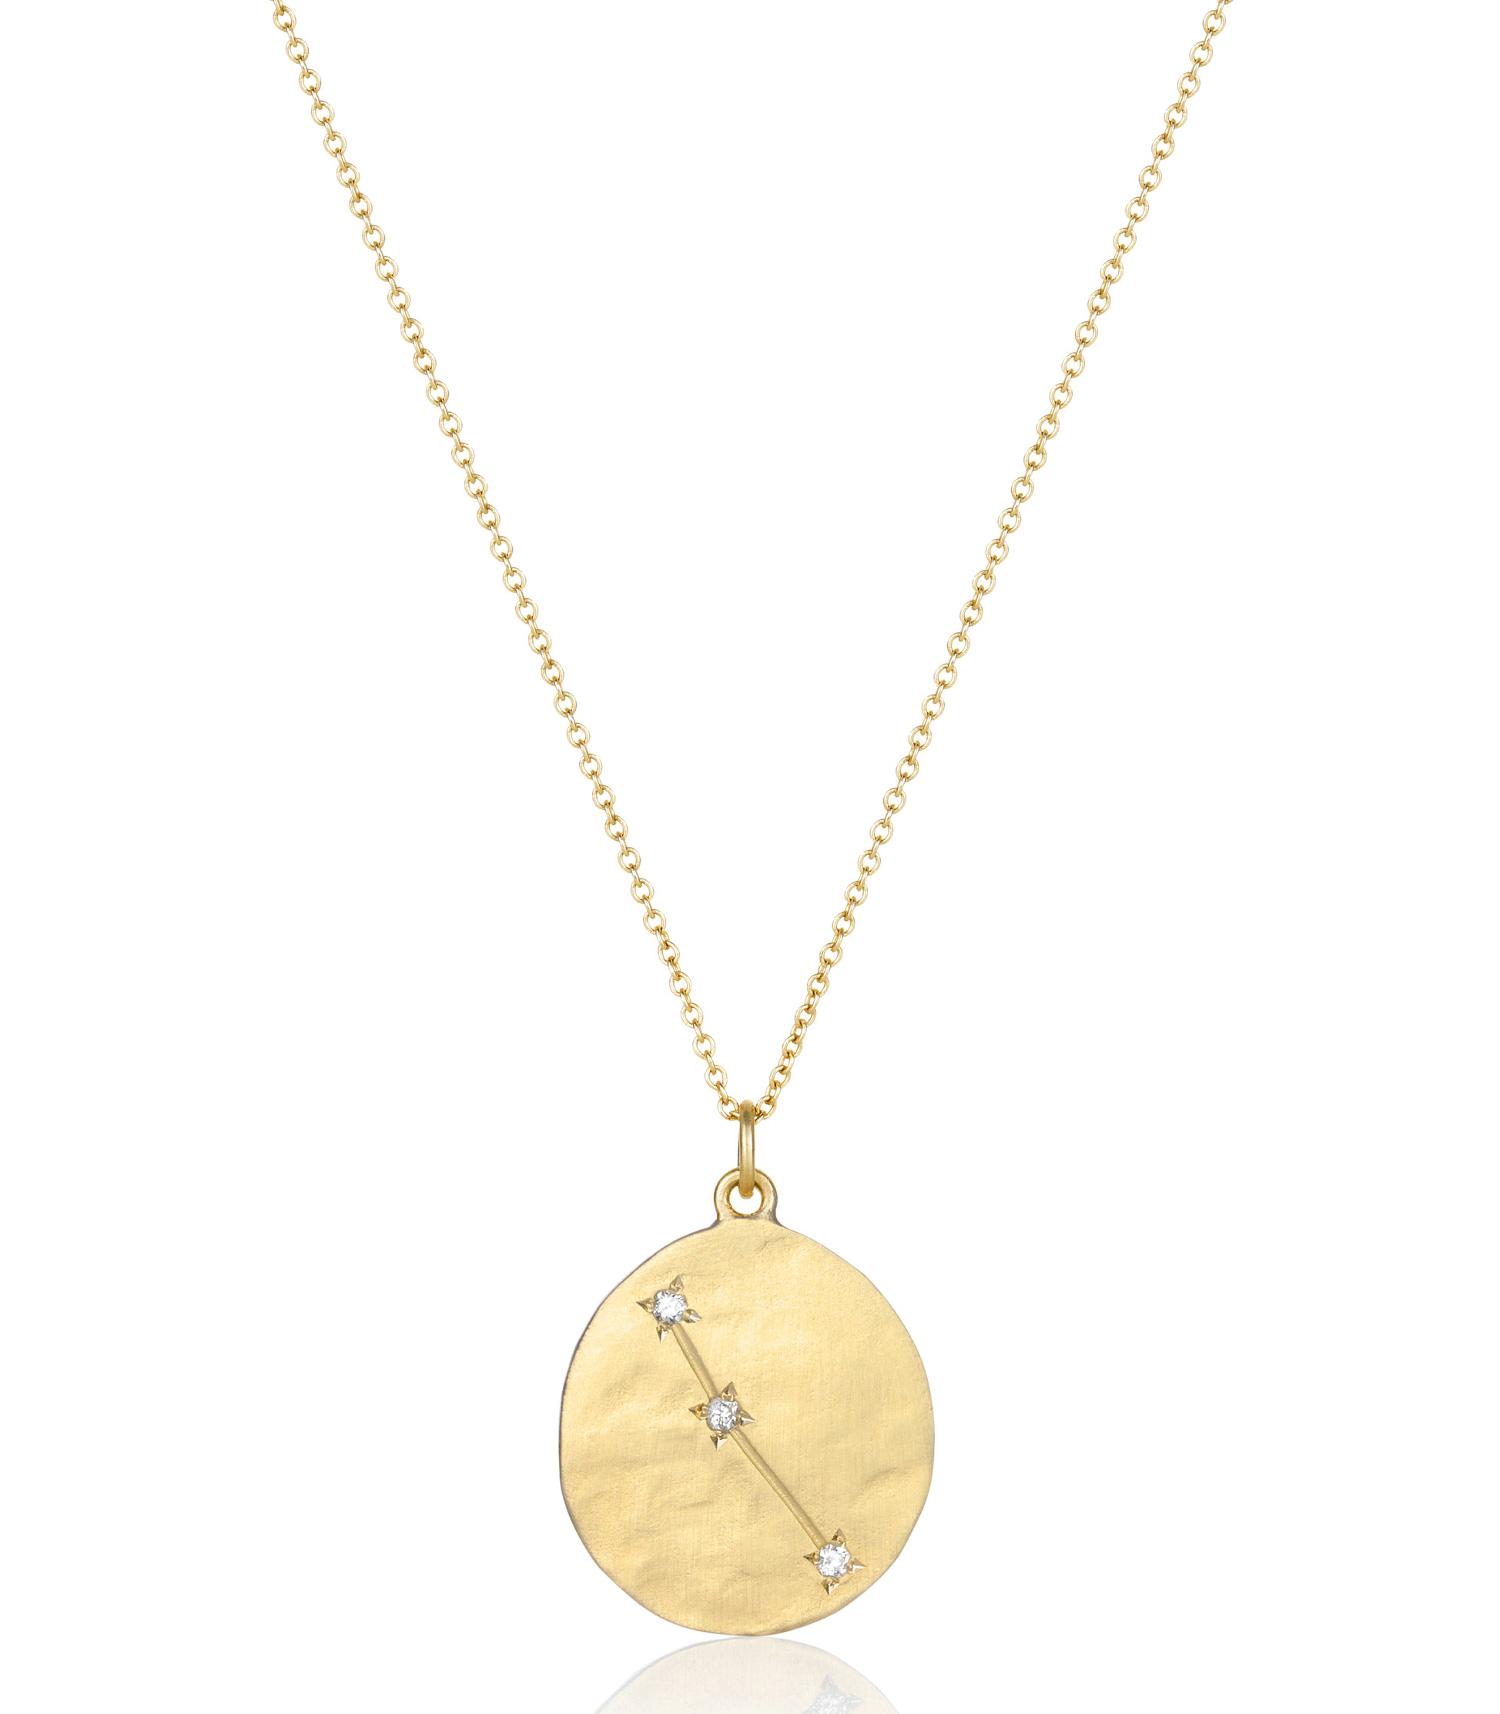 2019 meilleures ventes dernière sélection de 2019 beau lustre Collier Astrologie Bélier Brooke Gregson - Jane de Boy